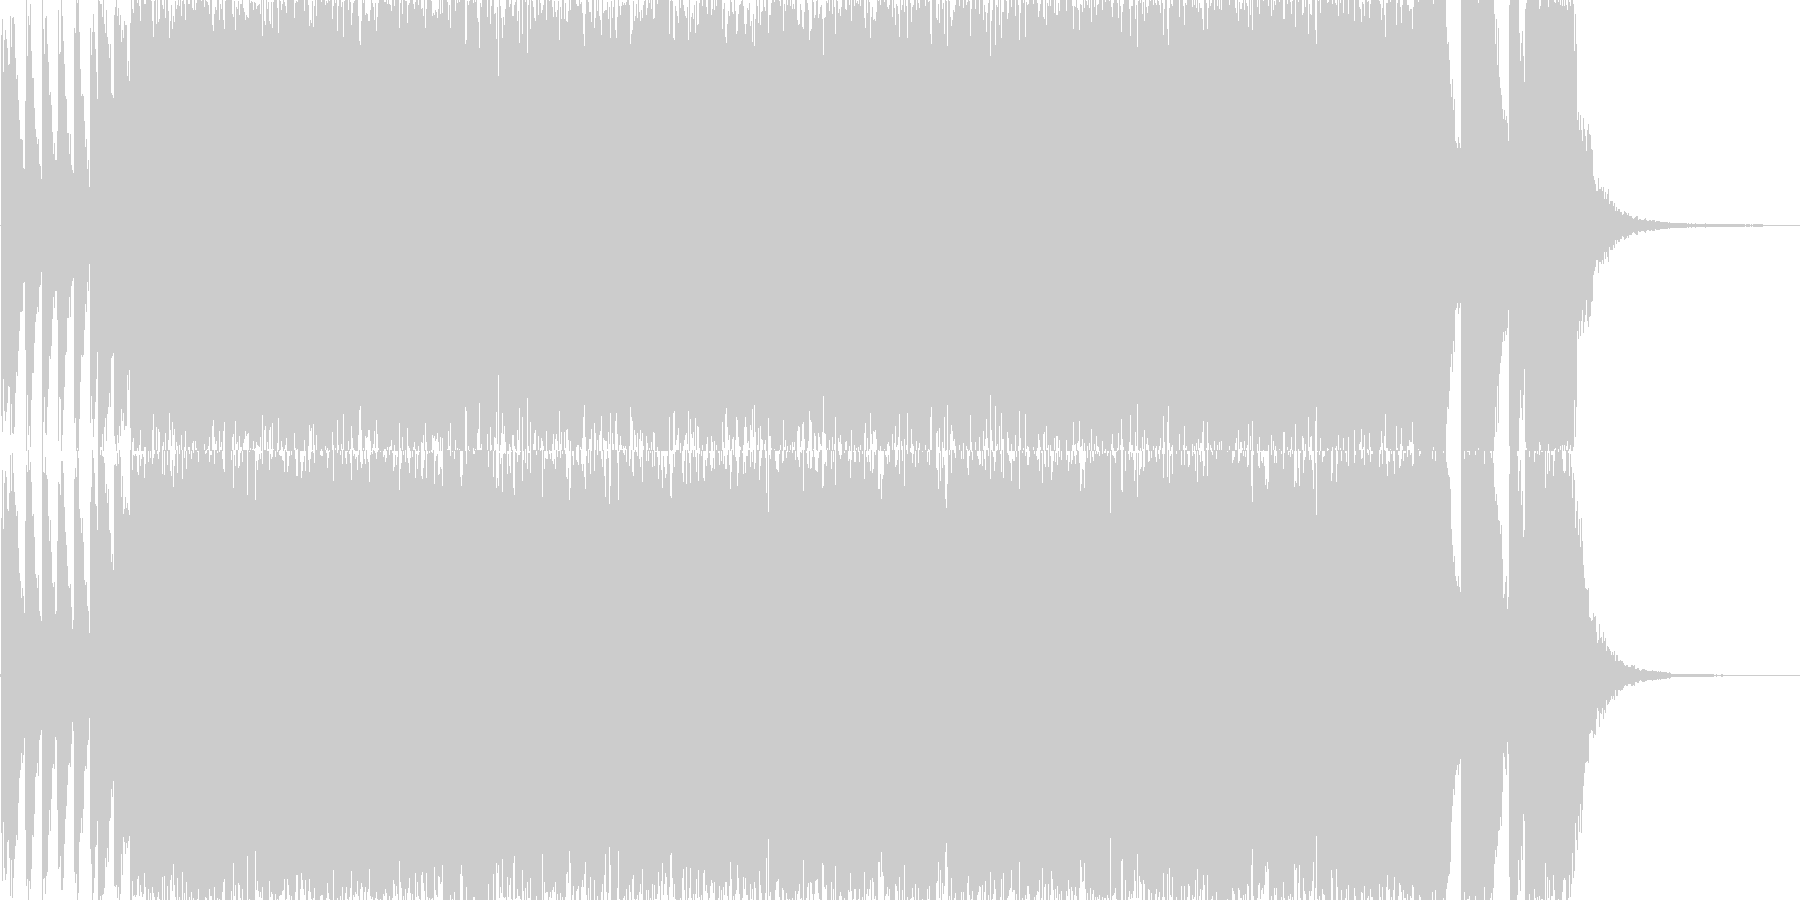 勢いと疾走感のあるトランス風ジングルの未再生の波形